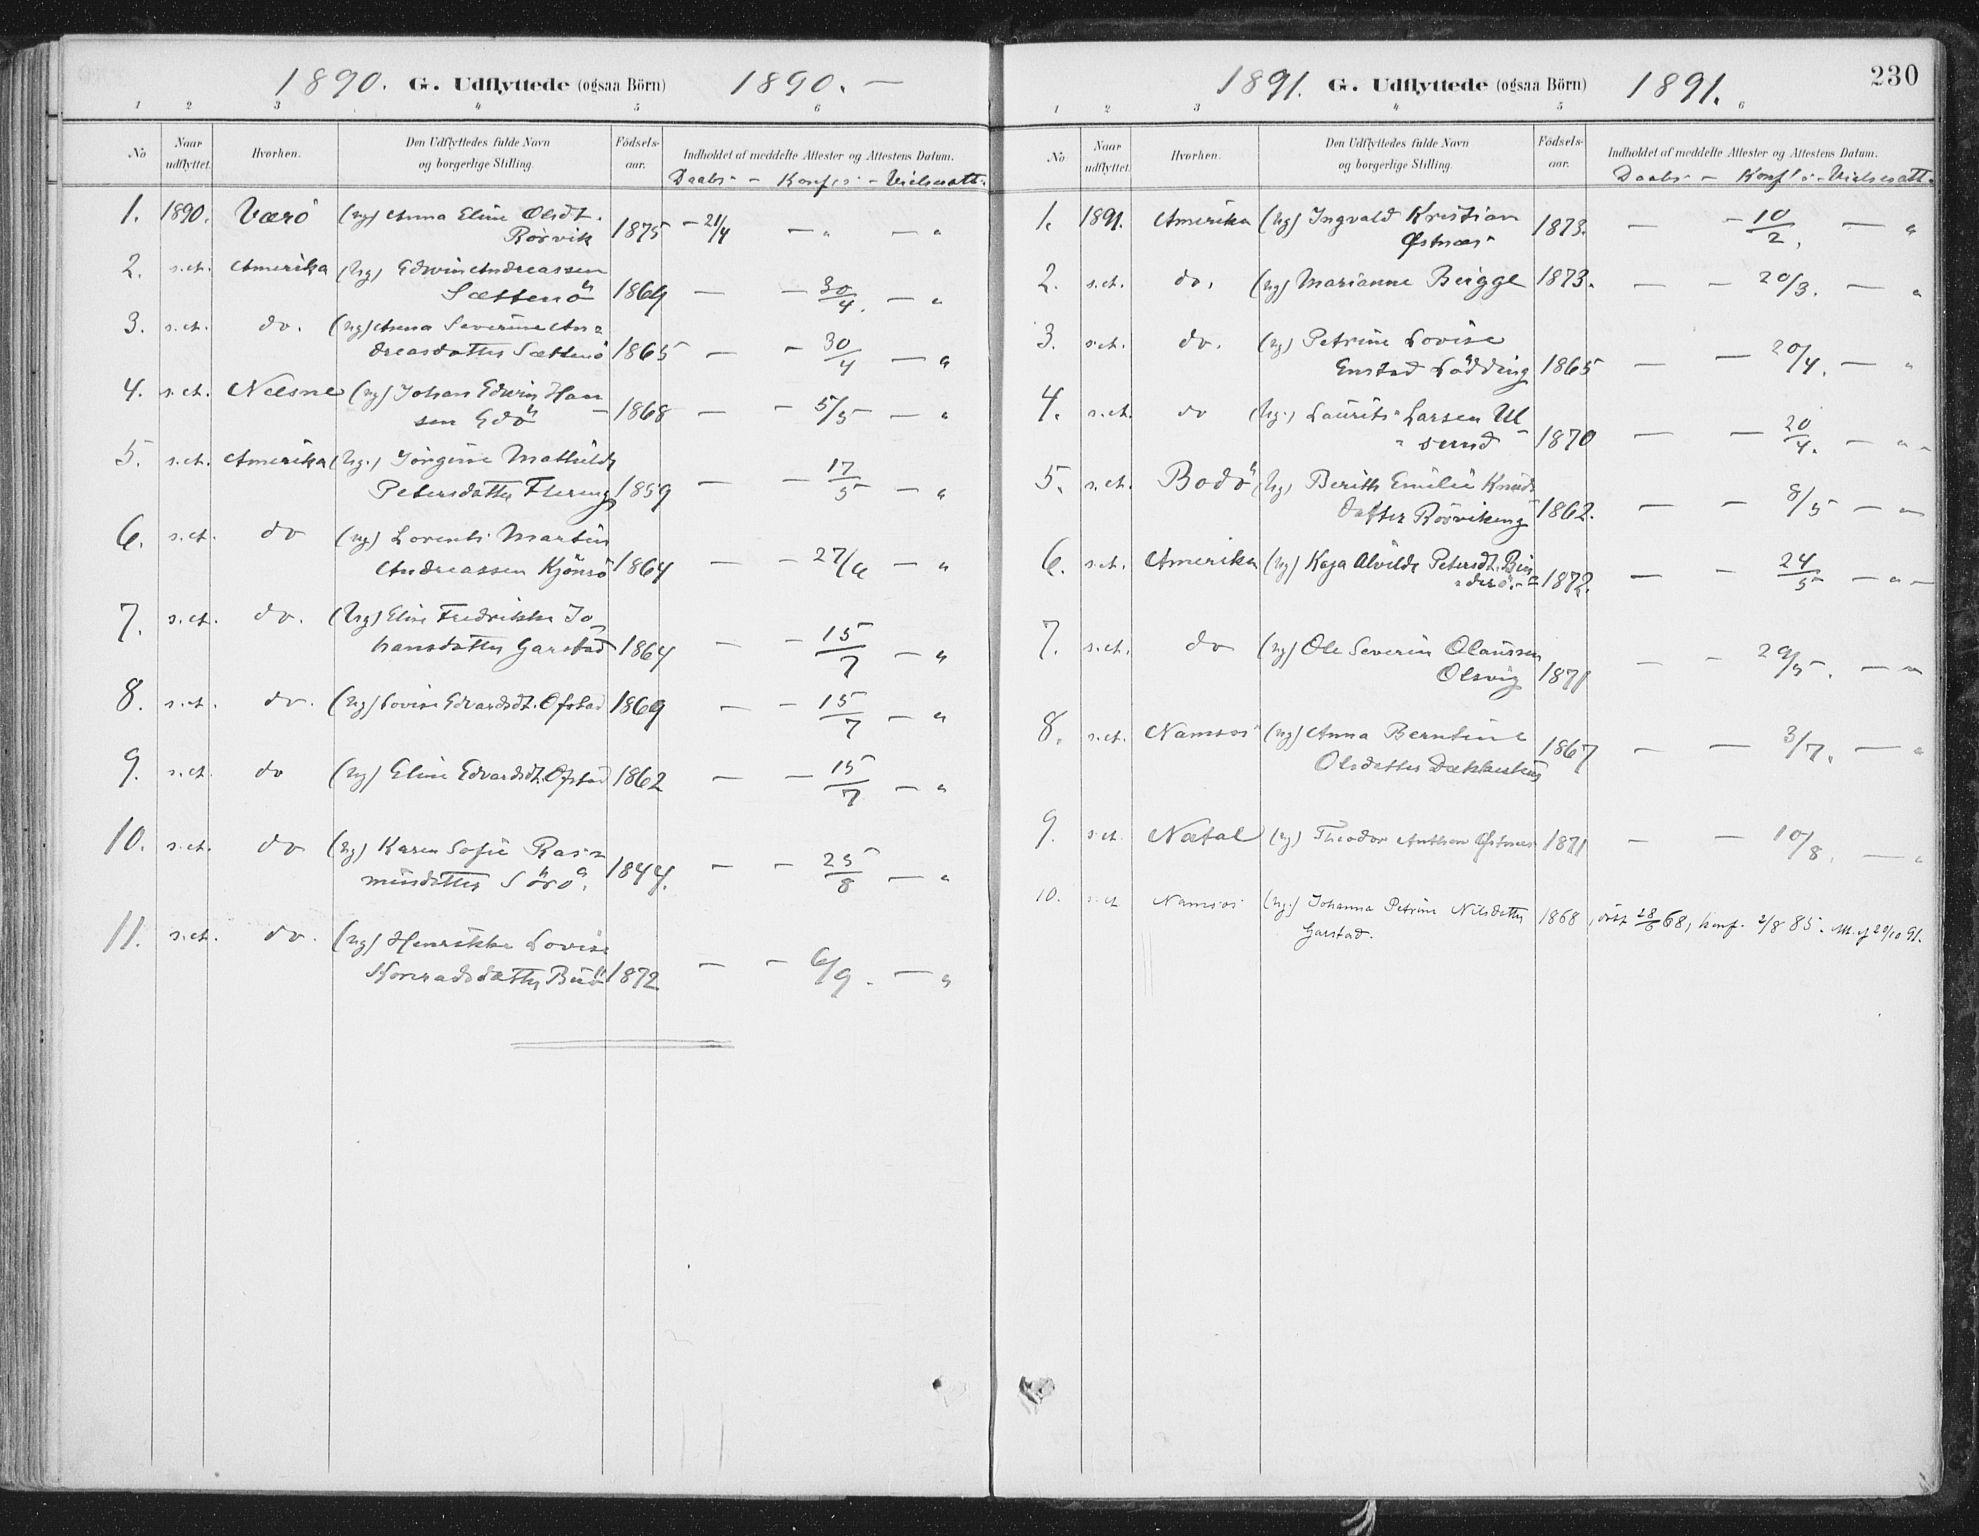 SAT, Ministerialprotokoller, klokkerbøker og fødselsregistre - Nord-Trøndelag, 786/L0687: Ministerialbok nr. 786A03, 1888-1898, s. 230